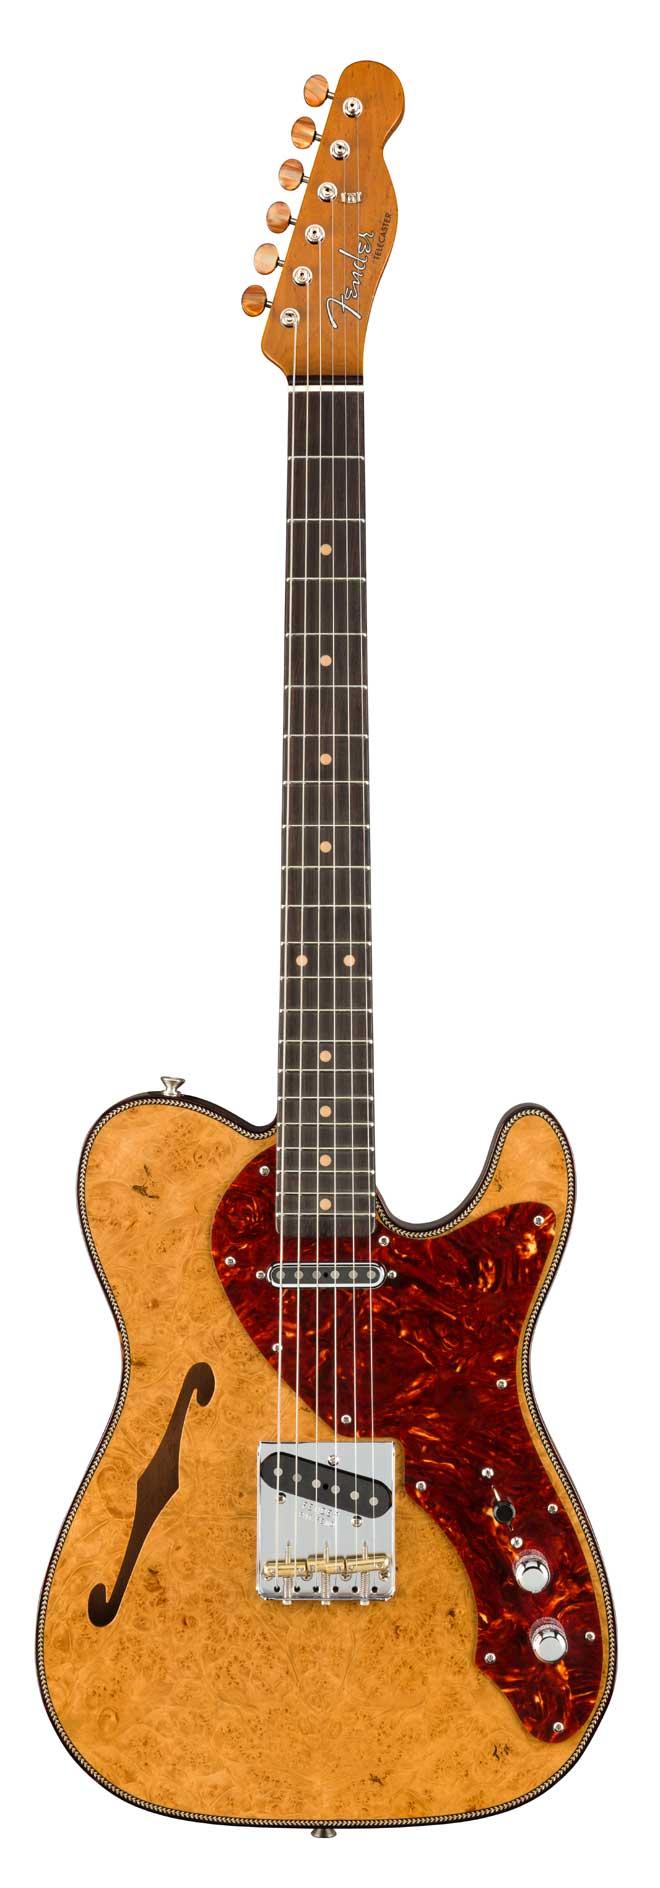 Fender Custom Shopからジミー・ヴォーンのシグネイチャーモデルとクラフツマンシップを体現する限定モデルが登場